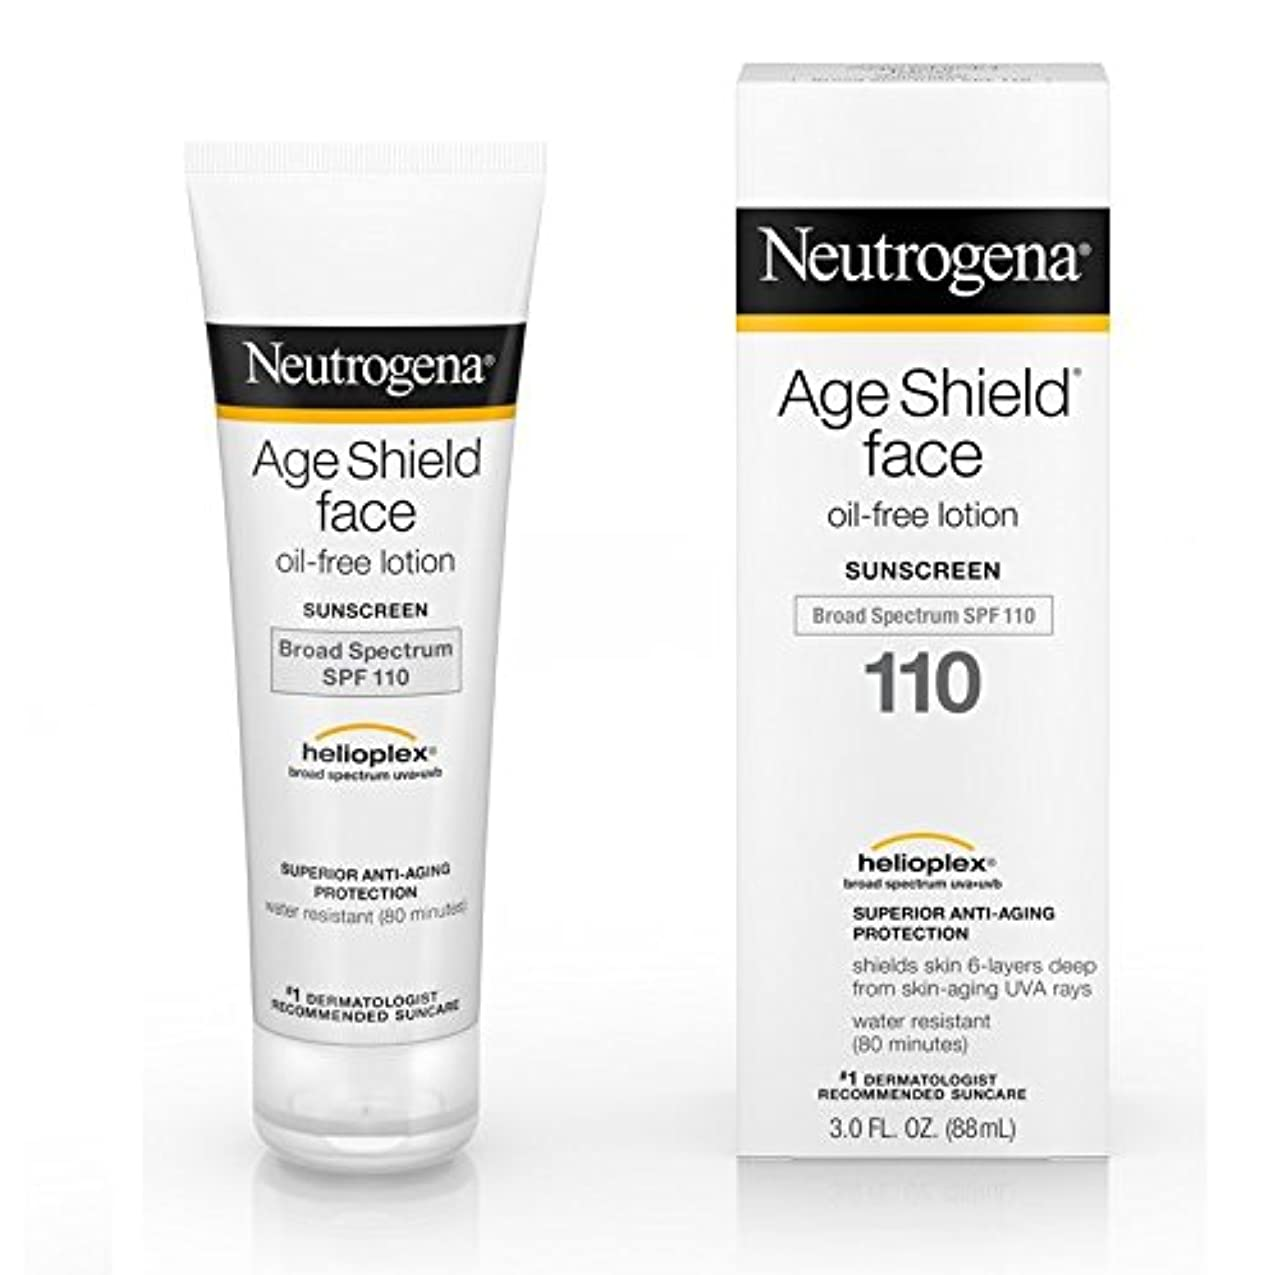 承認疎外する小康【海外直送品】Neutrogena Age Shield? Face Oil-Free Lotion Sunscreen Broad Spectrum SPF 110 - 3 FL OZ(88ml)